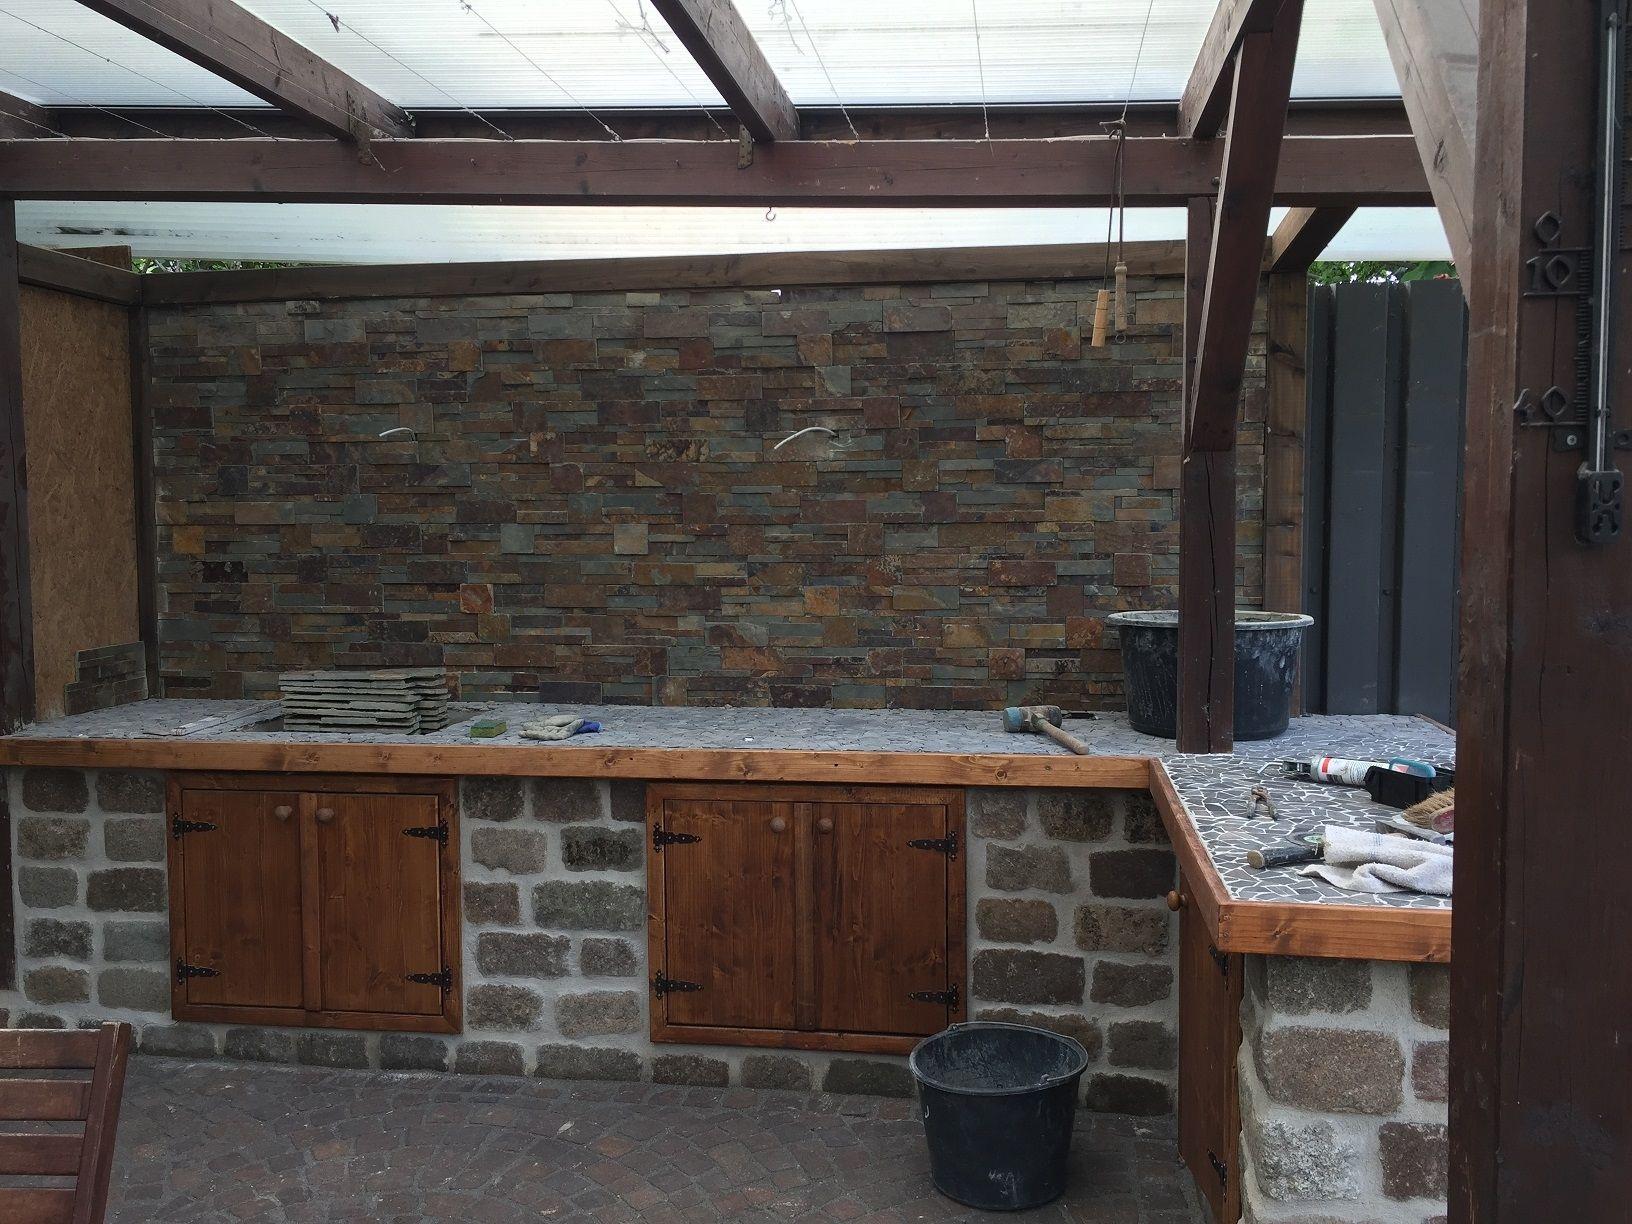 Außenküche Mit Spüle : Außenküche spüle einzel spülbecken küche außenküchen spüle